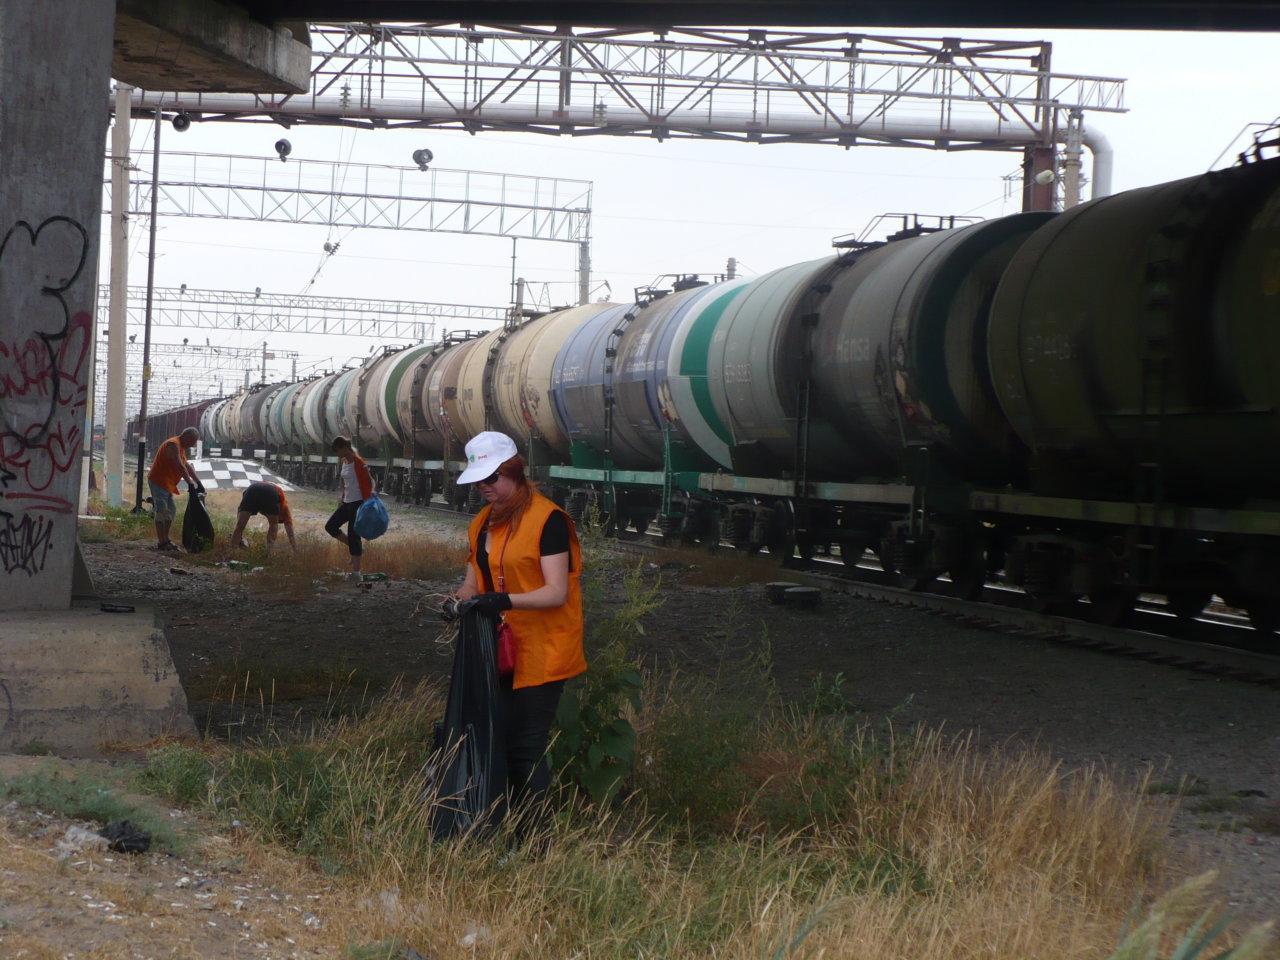 Астраханские железнодорожники и экологи обсудили перспективы сотрудничества в области природоохранной деятельности